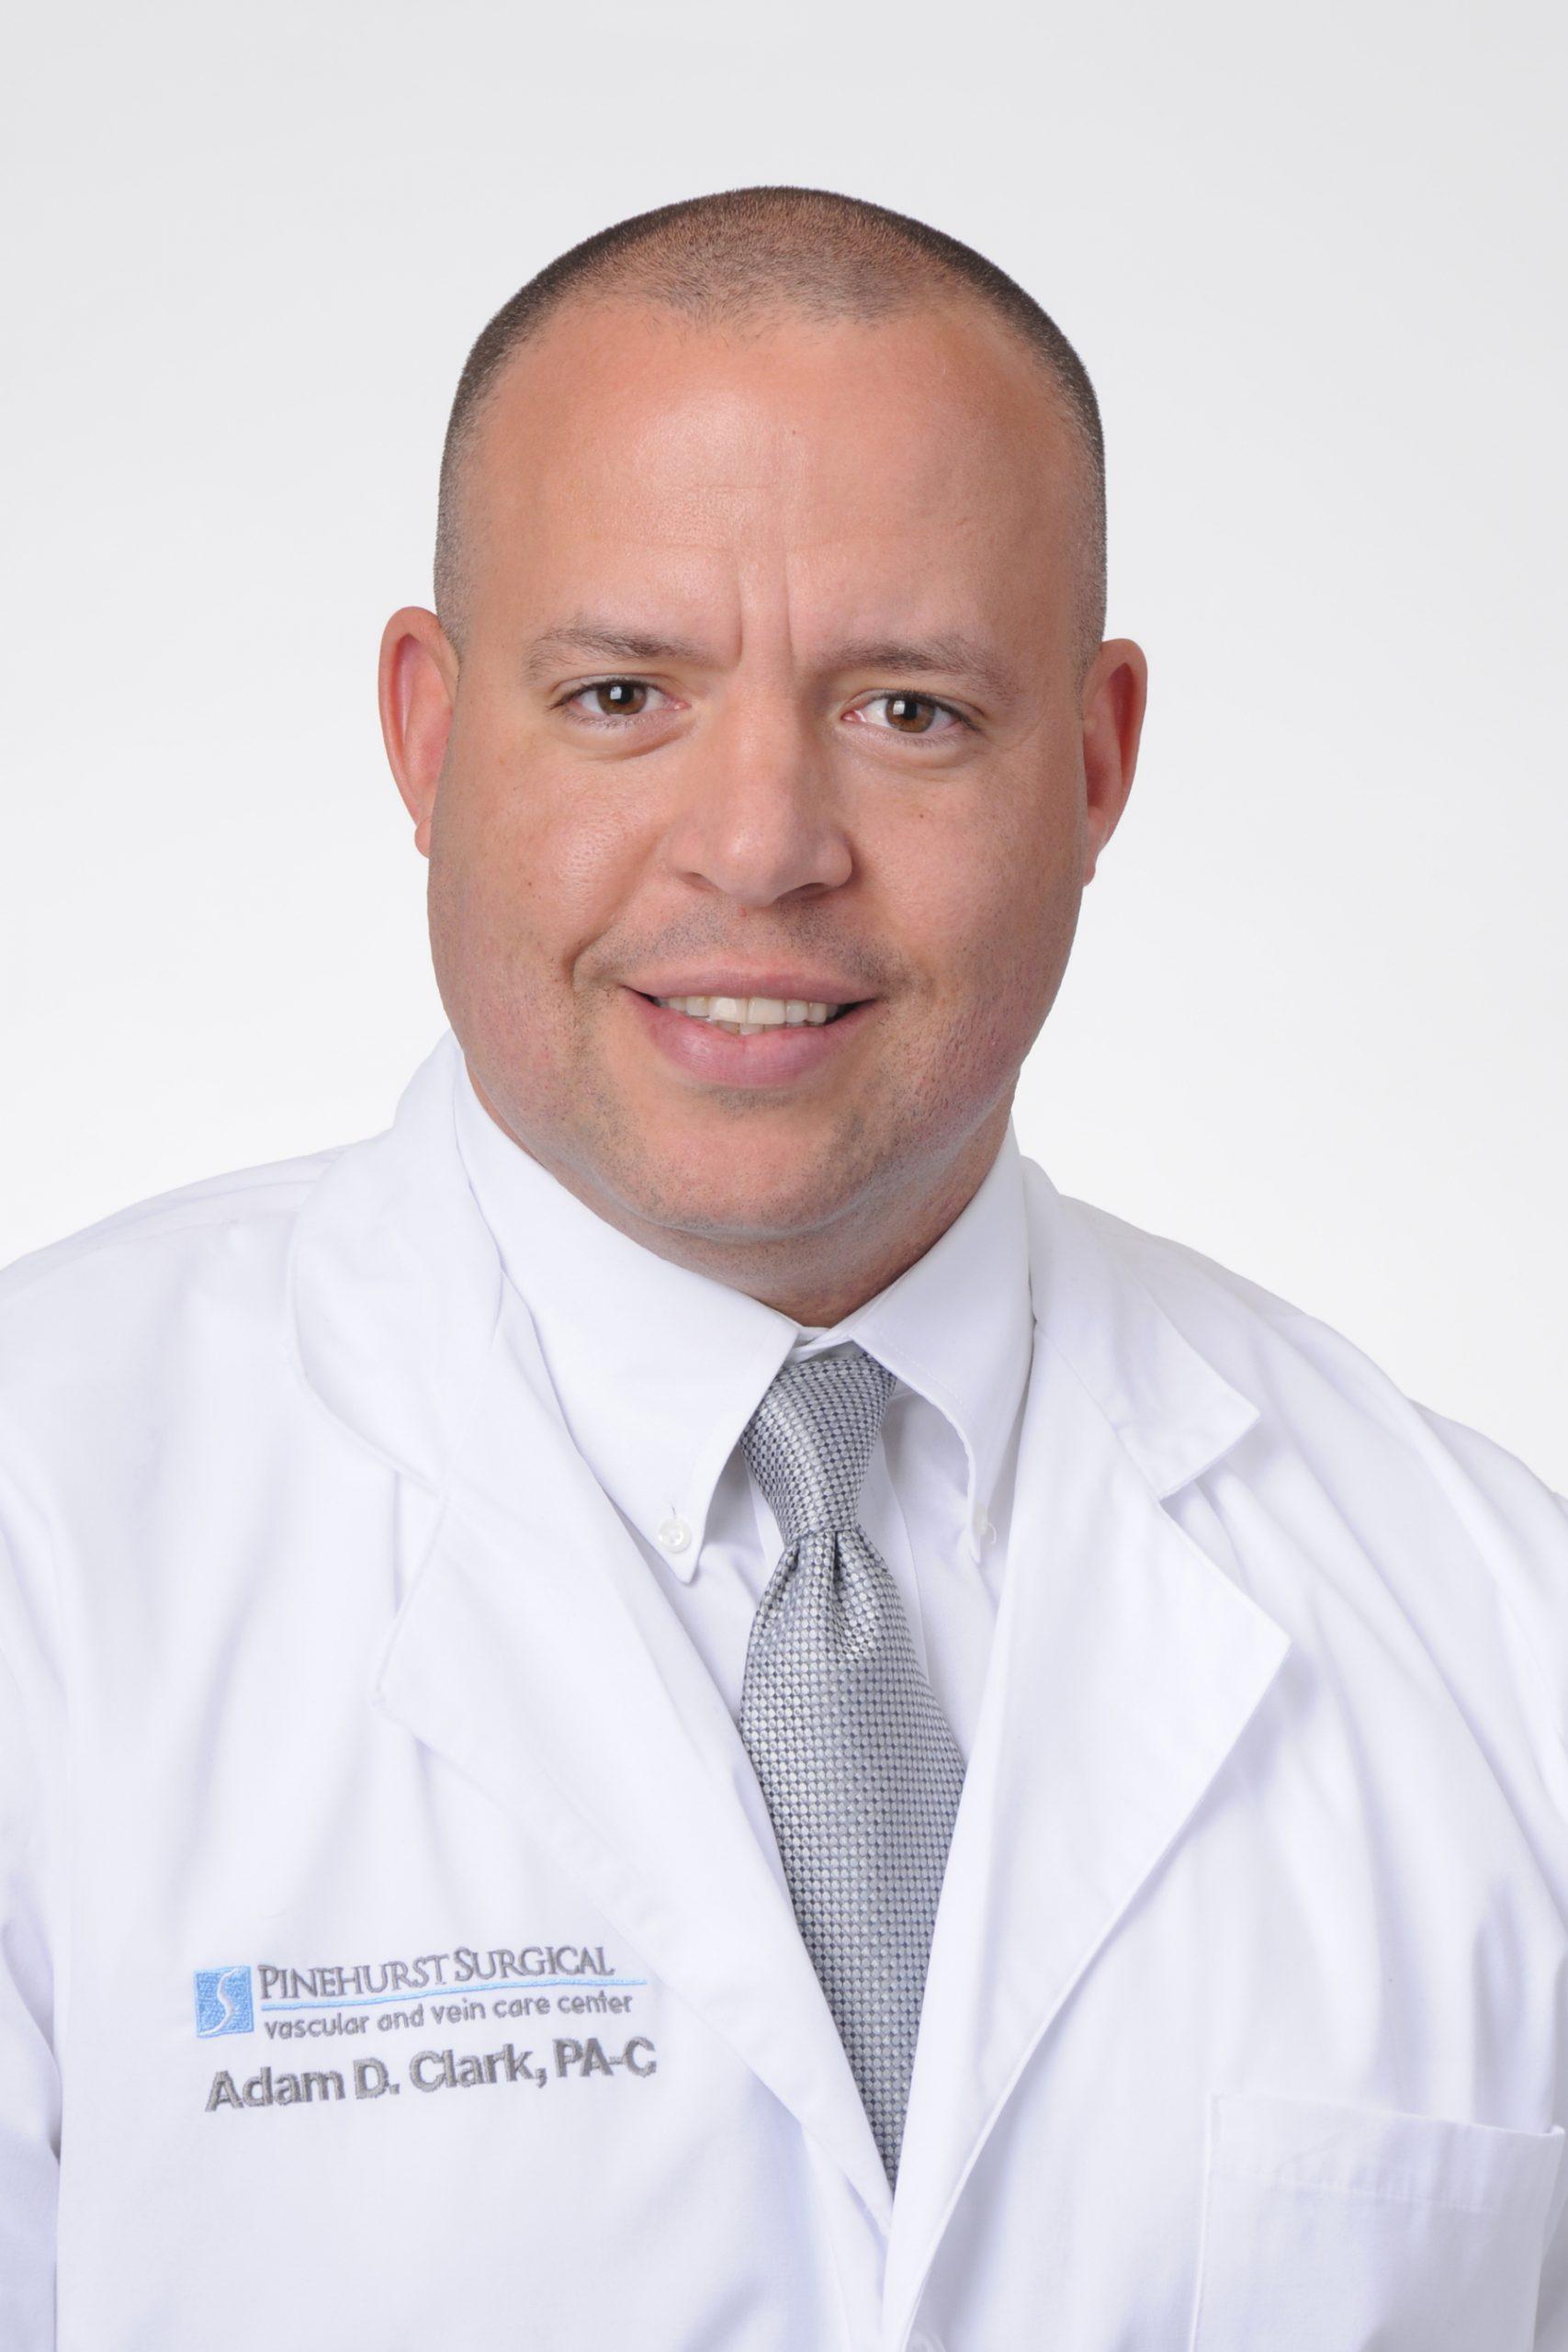 Adam Clark Vascular & Vein Care